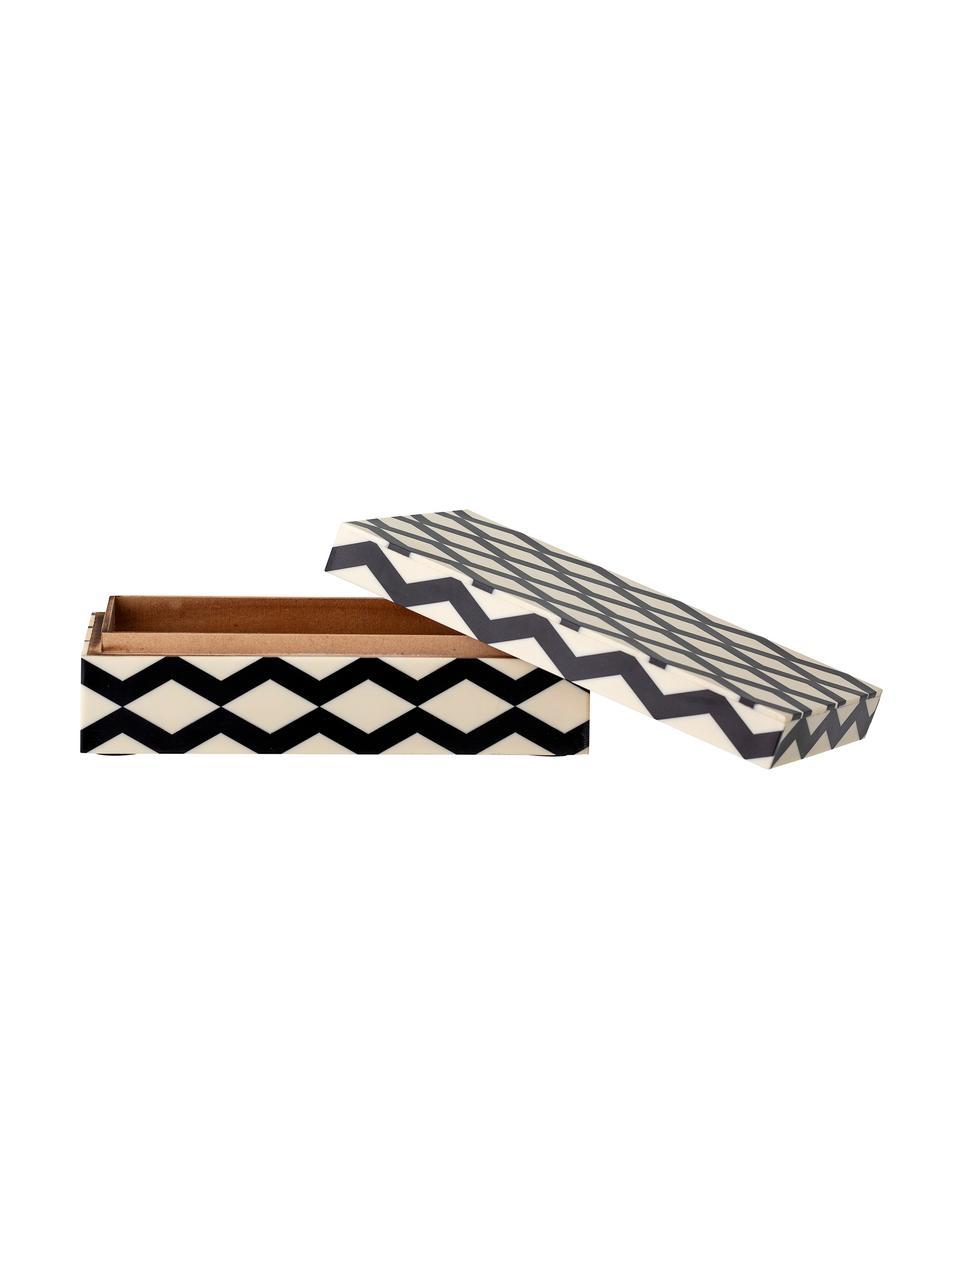 Schmuckbox Jen, Mitteldichte Holzfaserplatte (MDF), Polyresin beschichtet, Schwarz, Cremeweiß, 21 x 7 cm